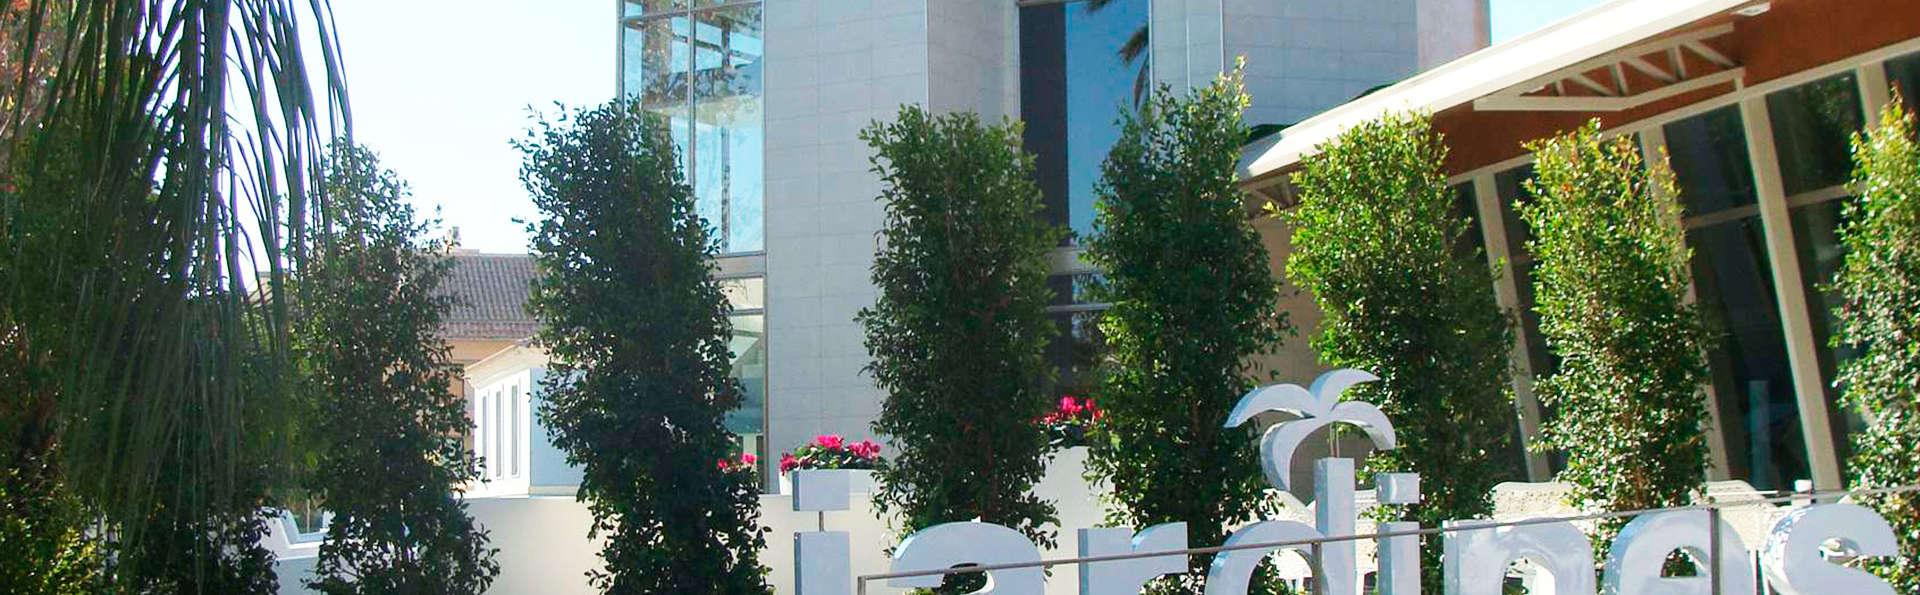 Hotel spa jardines de lorca 4 lorca espagne for Hotel jardines lorca